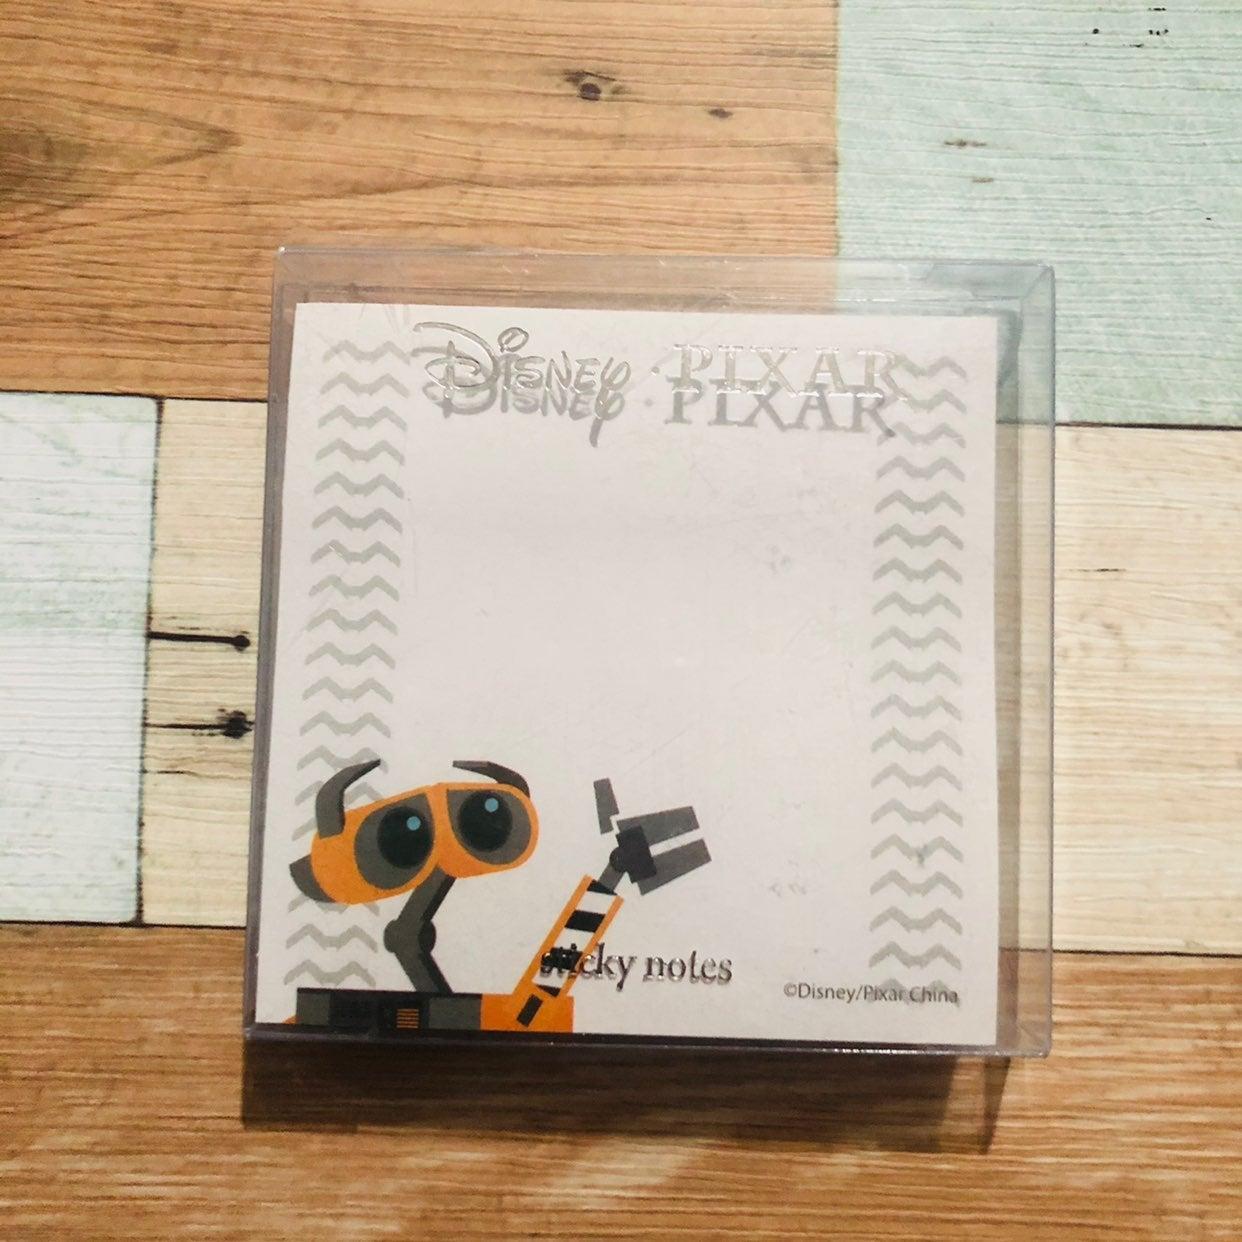 Disney Pixar Wall-E Sticky Notes